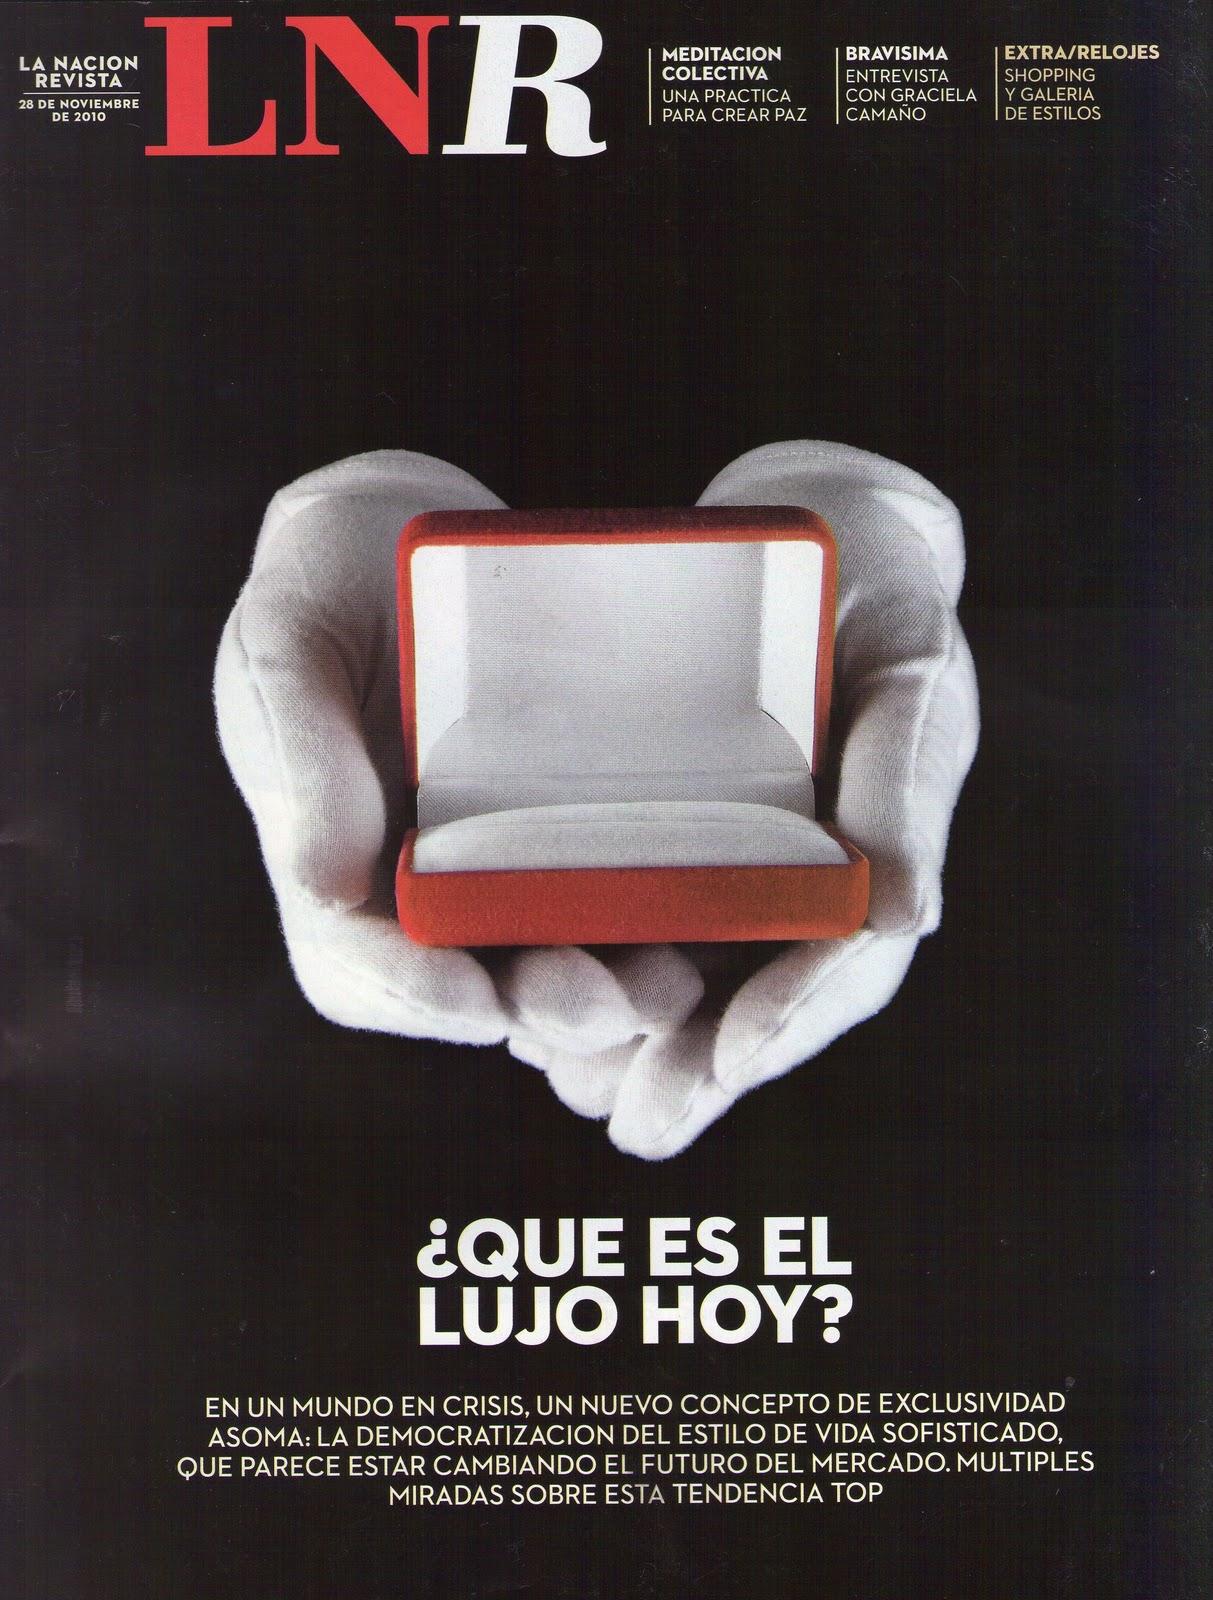 Revistas domunicales el contraan lisis del espect culo for Revistas de chismes del espectaculo